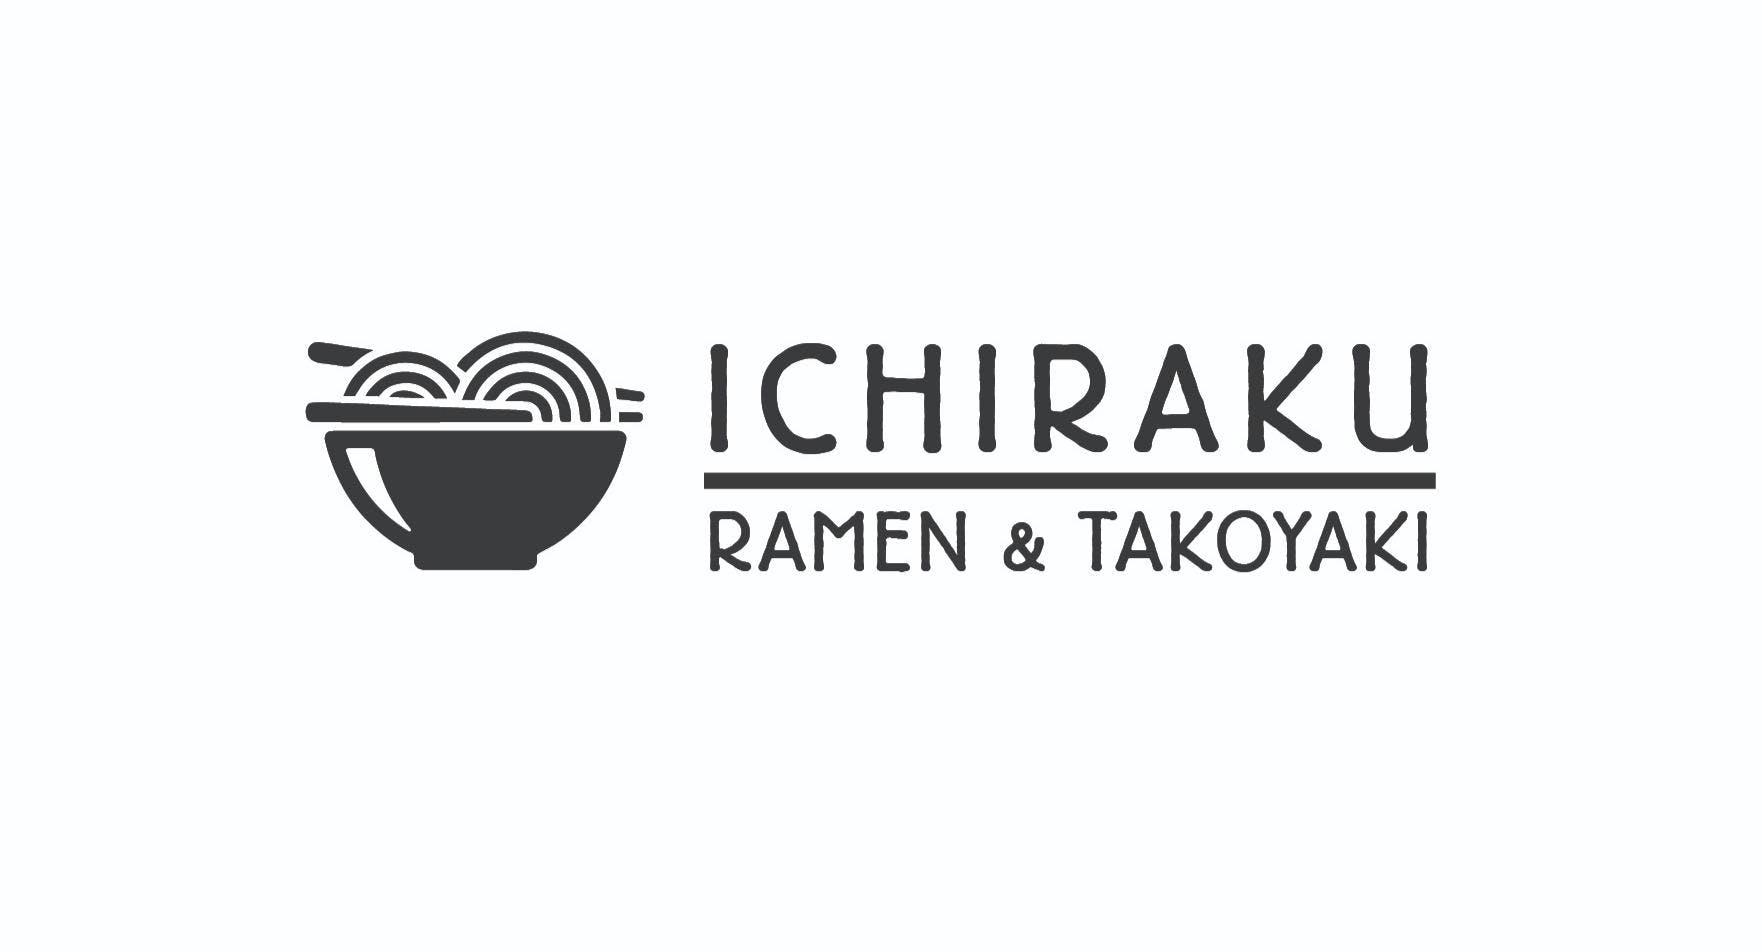 ICHIRAKU Ramen & Takoyaki